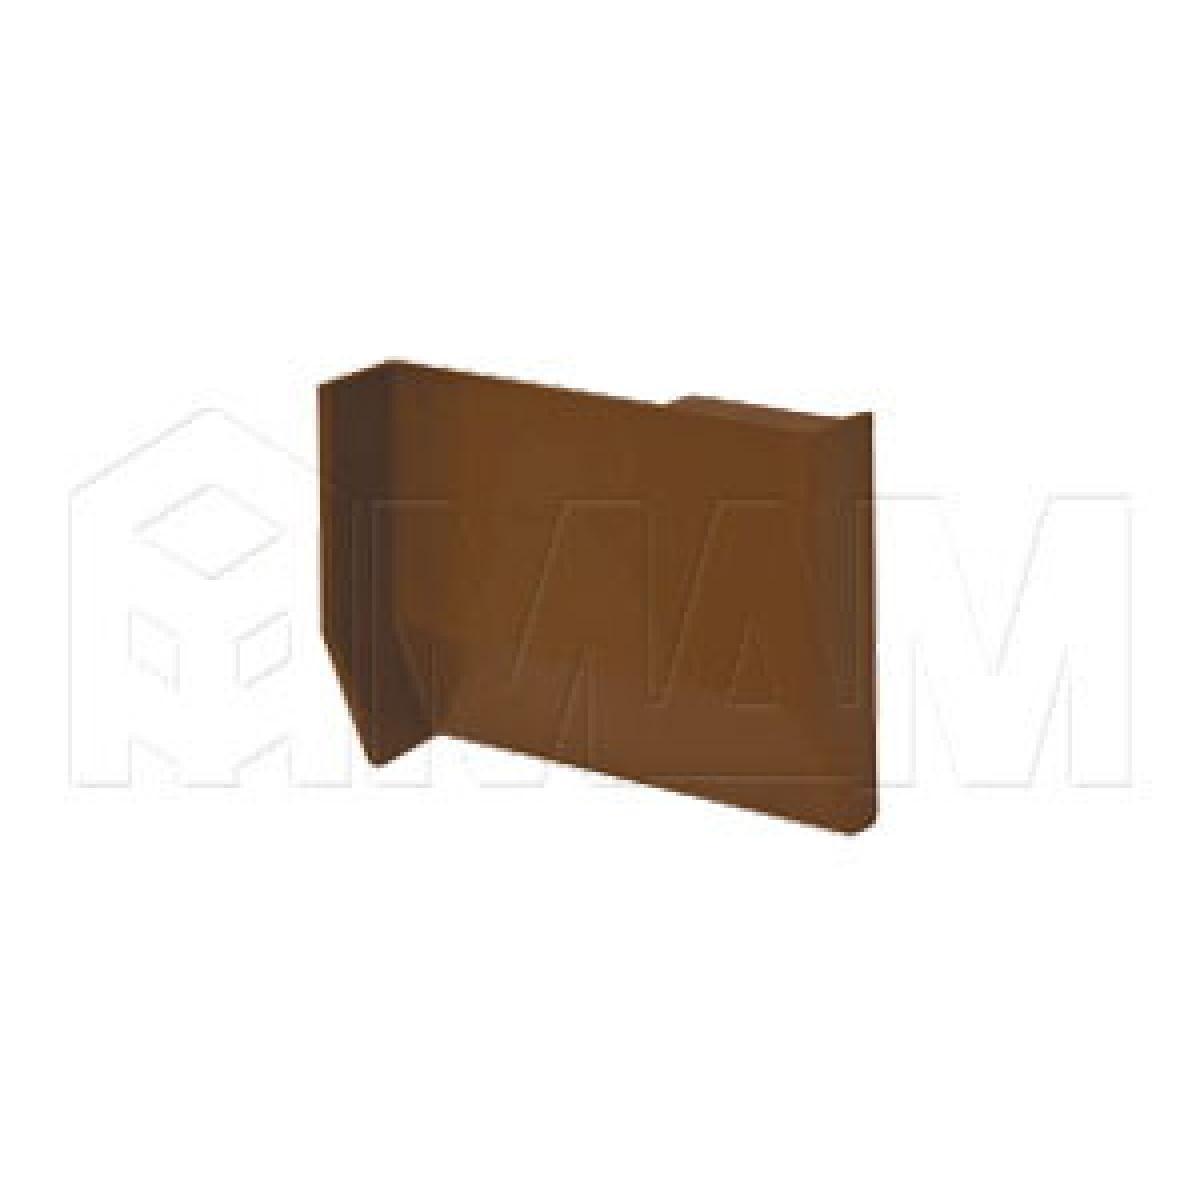 801 Заглушка для мебельного навеса, пластик, коричневая, левая